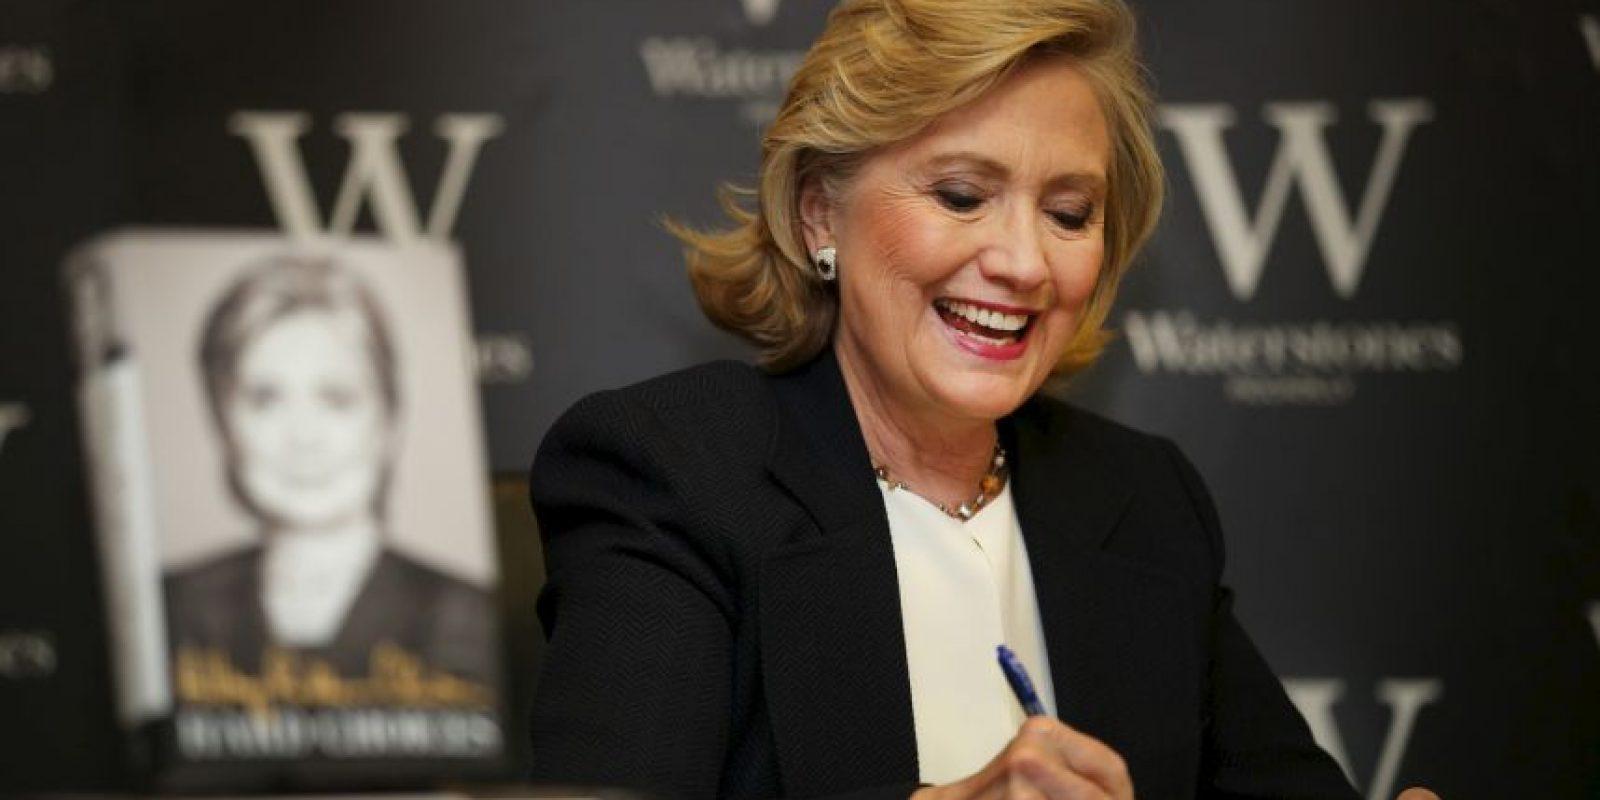 Recientemente urgió al Departamento de Estado que publicara todos sus correos electrónicos. Foto:Getty Images